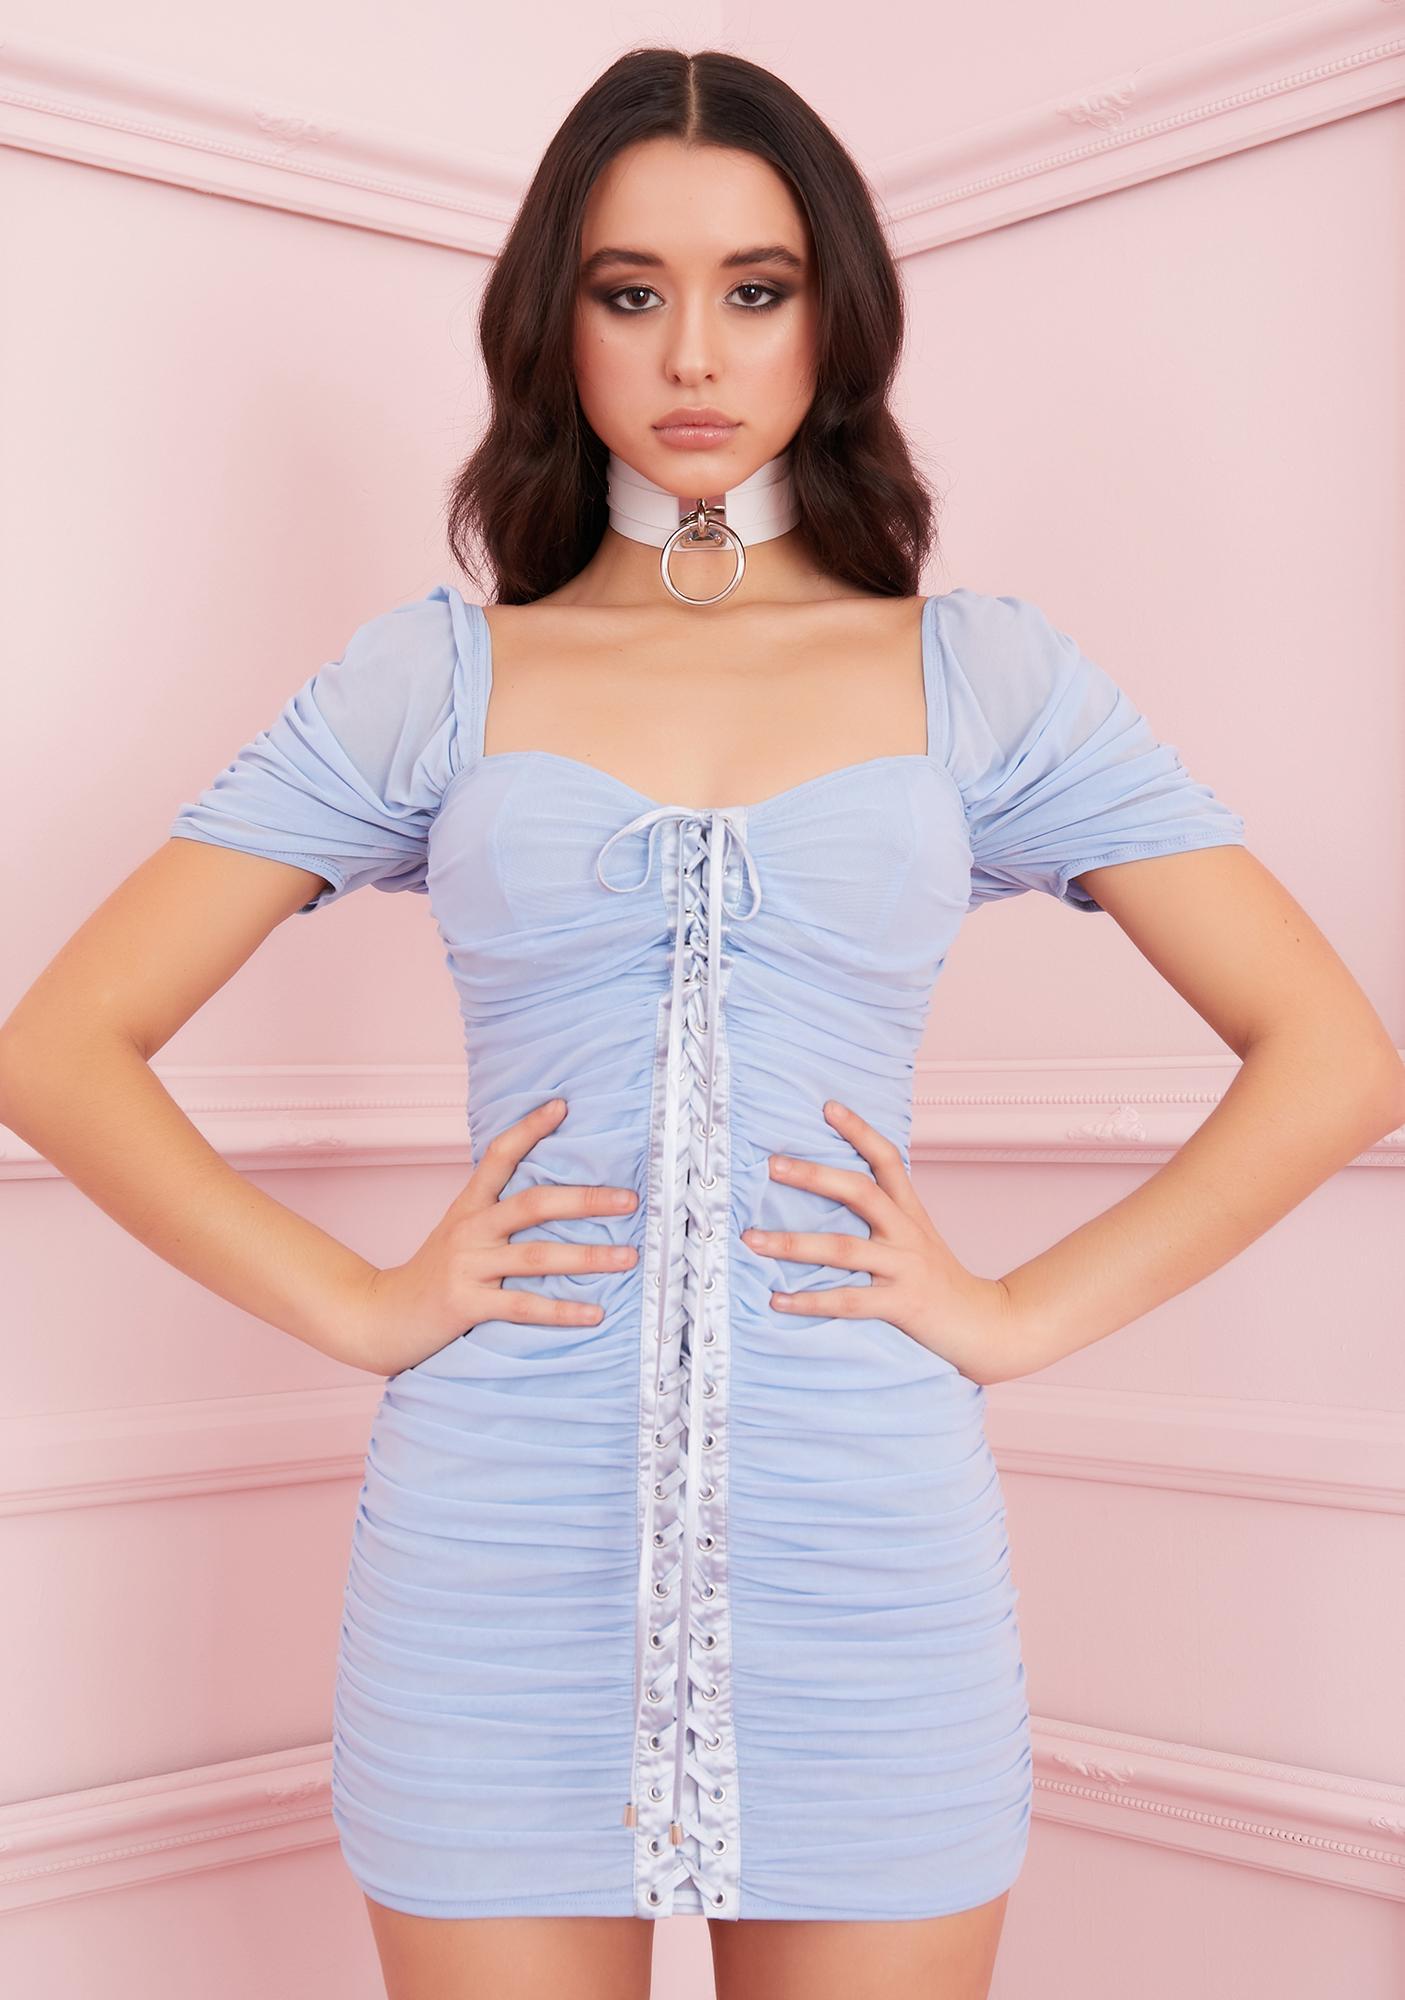 Sugar Thrillz Pretty Girl Swag Bustier Dress